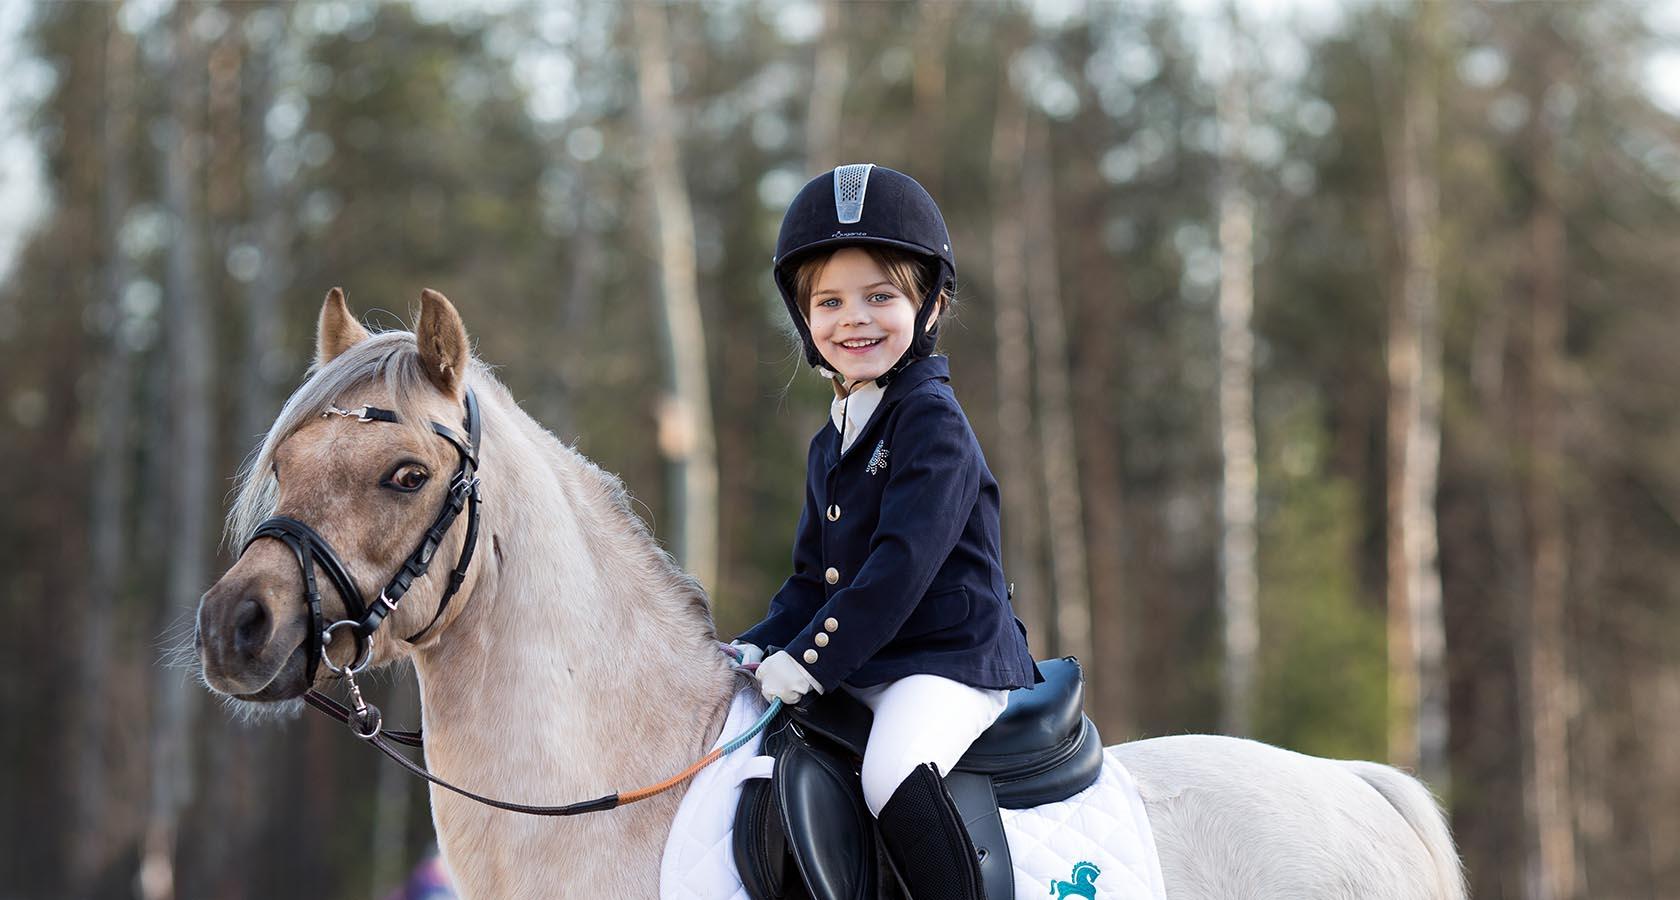 Верховая езда улучшает когнитивные способности детей